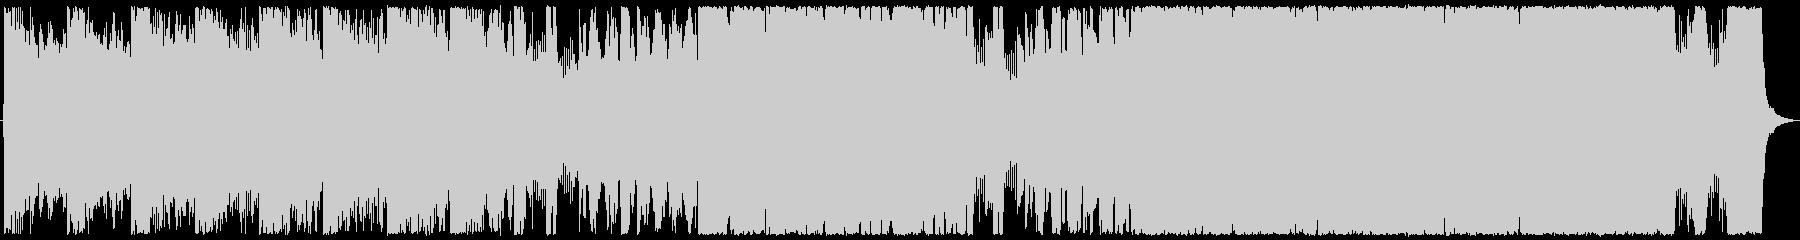 重厚なオーケストラバトル曲の未再生の波形